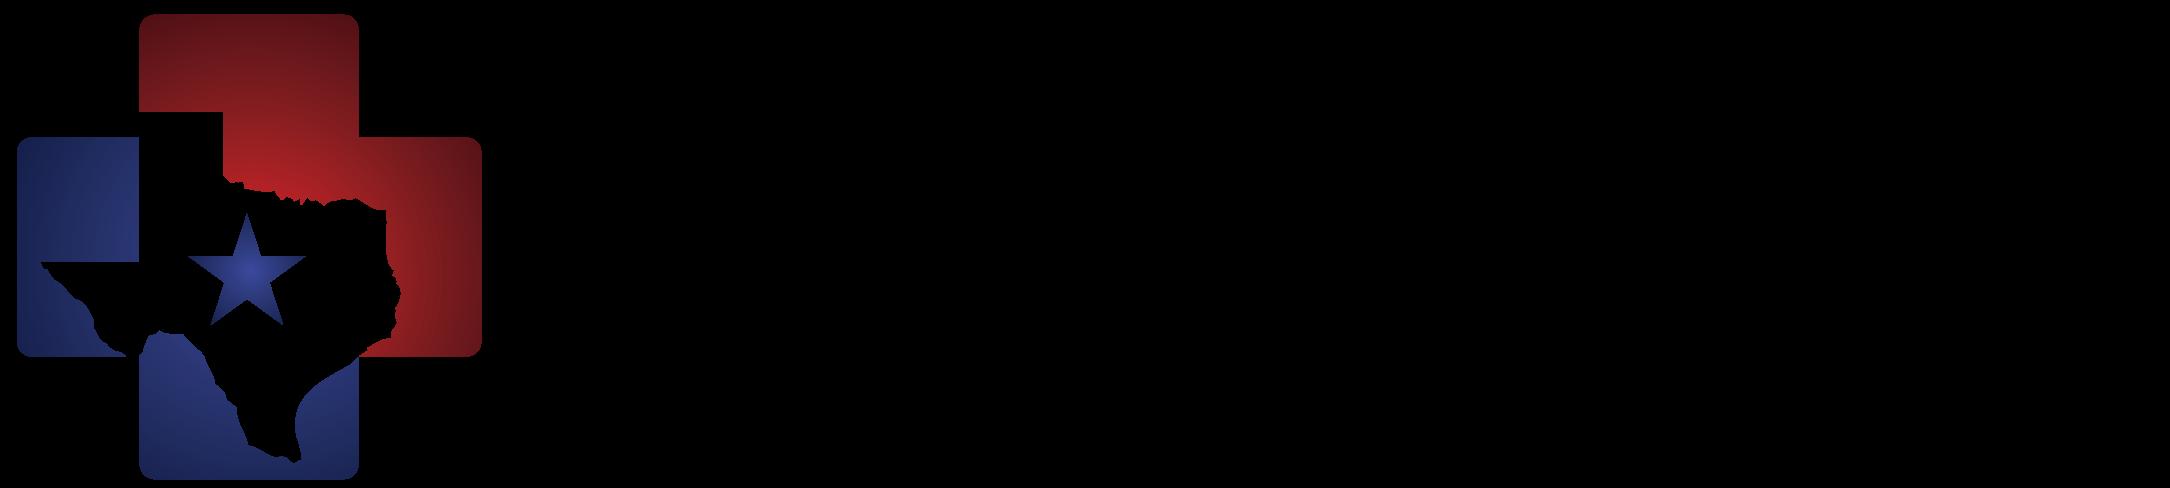 frisco-er.com